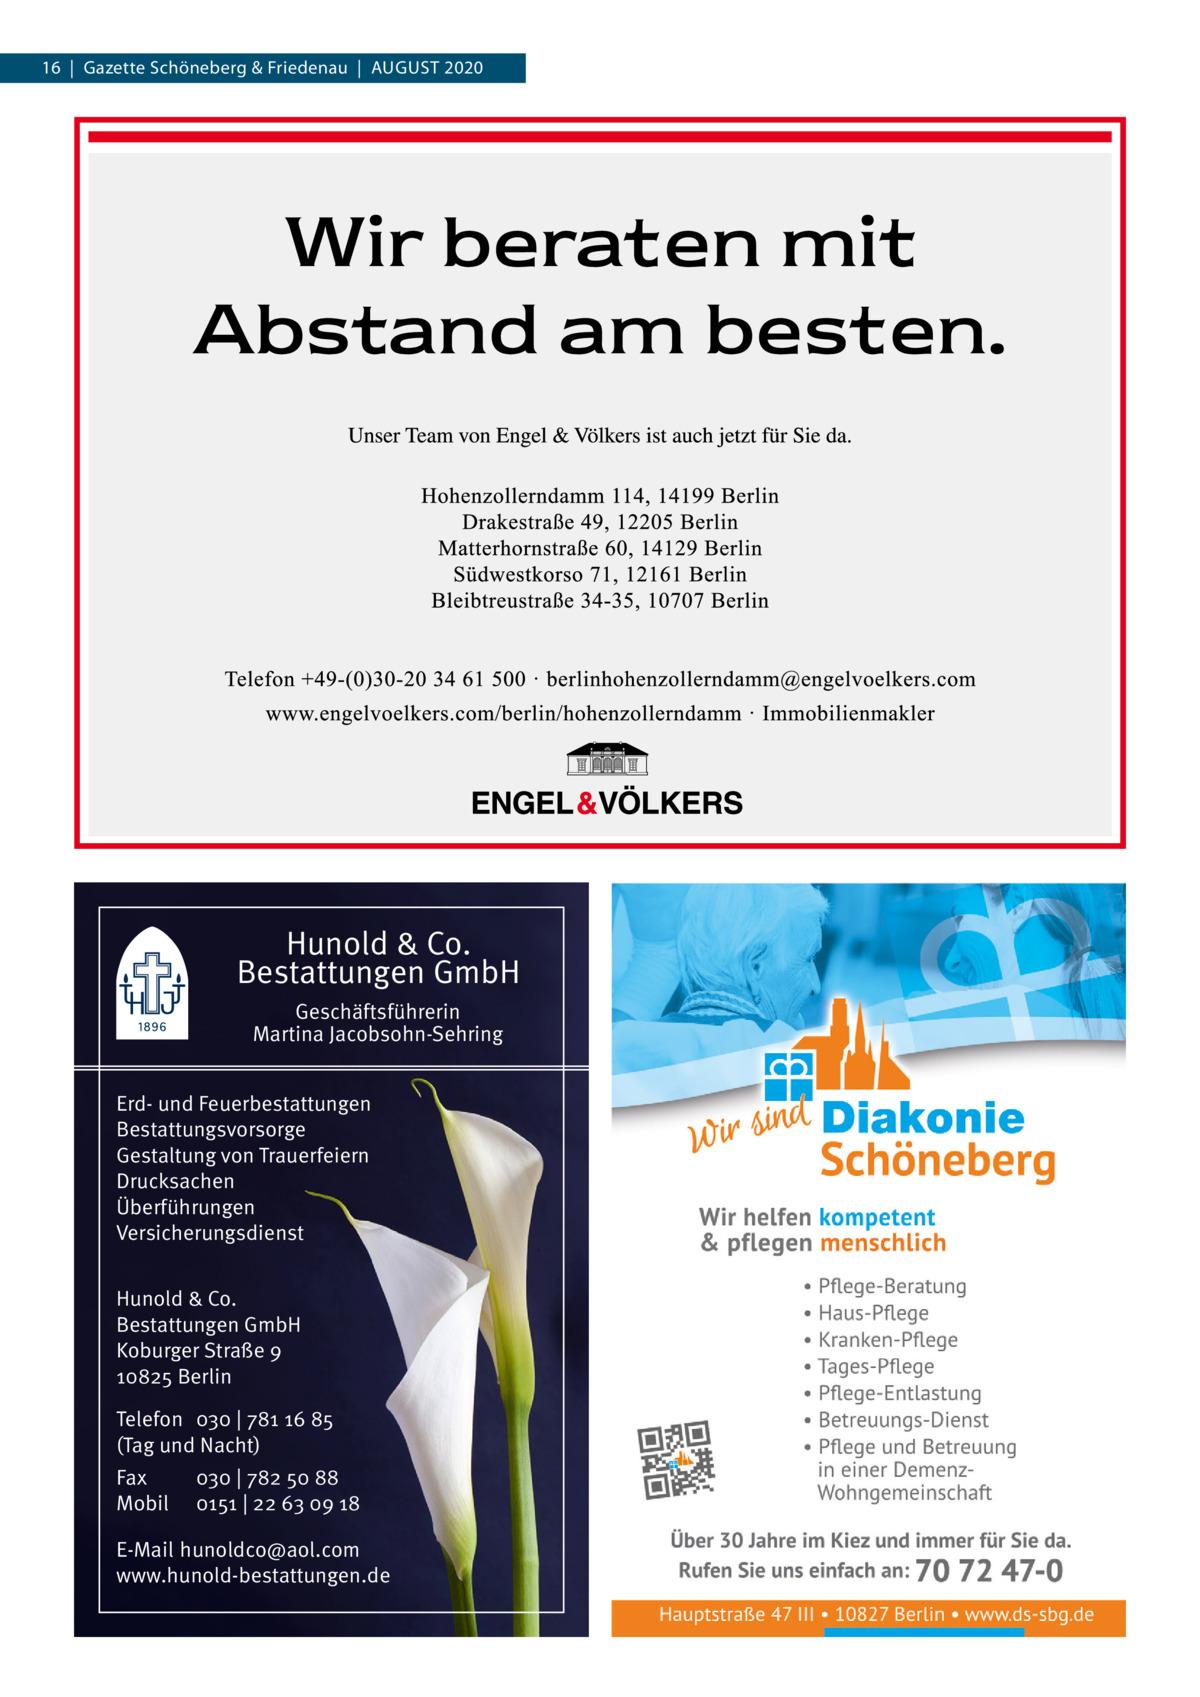 16|Gazette Schöneberg & Friedenau|AUGUSt 2020  Hunold & Co. Bestattungen GmbH Geschäftsführerin Martina Jacobsohn-Sehring Erd- und Feuerbestattungen Bestattungsvorsorge Gestaltung von Trauerfeiern Drucksachen Überführungen Versicherungsdienst Hunold & Co. Bestattungen GmbH Koburger Straße 9 10825 Berlin Telefon 030 | 781 16 85 (Tag und Nacht) Fax Mobil  030 | 782 50 88 0151 | 22 63 09 18  E-Mail hunoldco@aol.com www.hunold-bestattungen.de